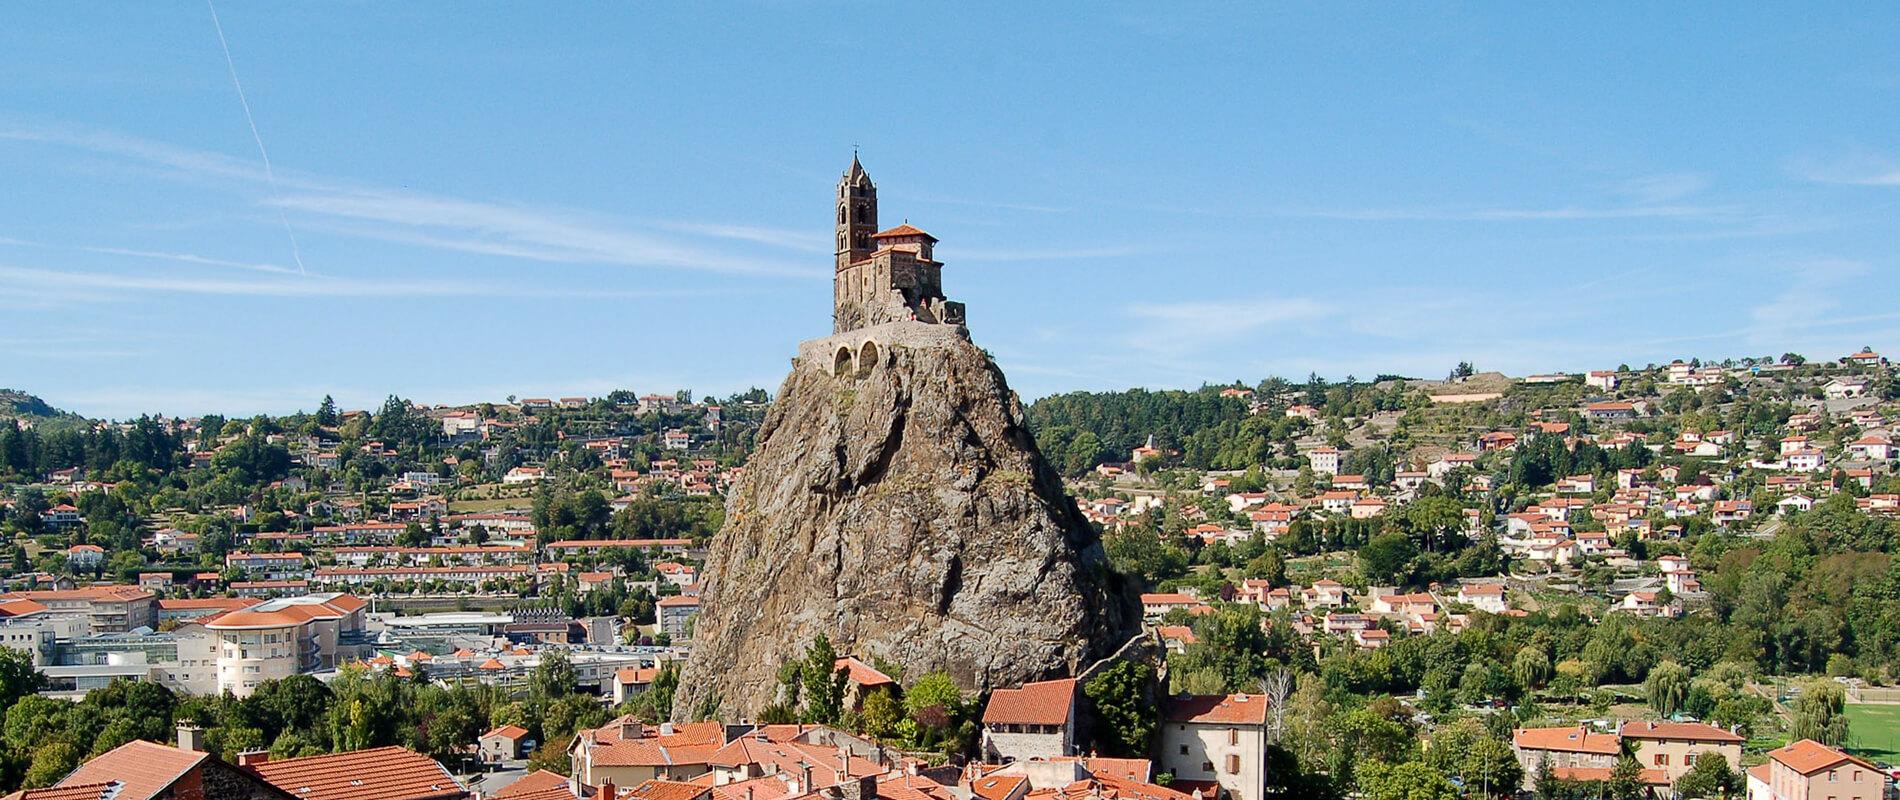 Saint Michel d'Aiguilhe, la cappella in cima a una roccia vulcanica